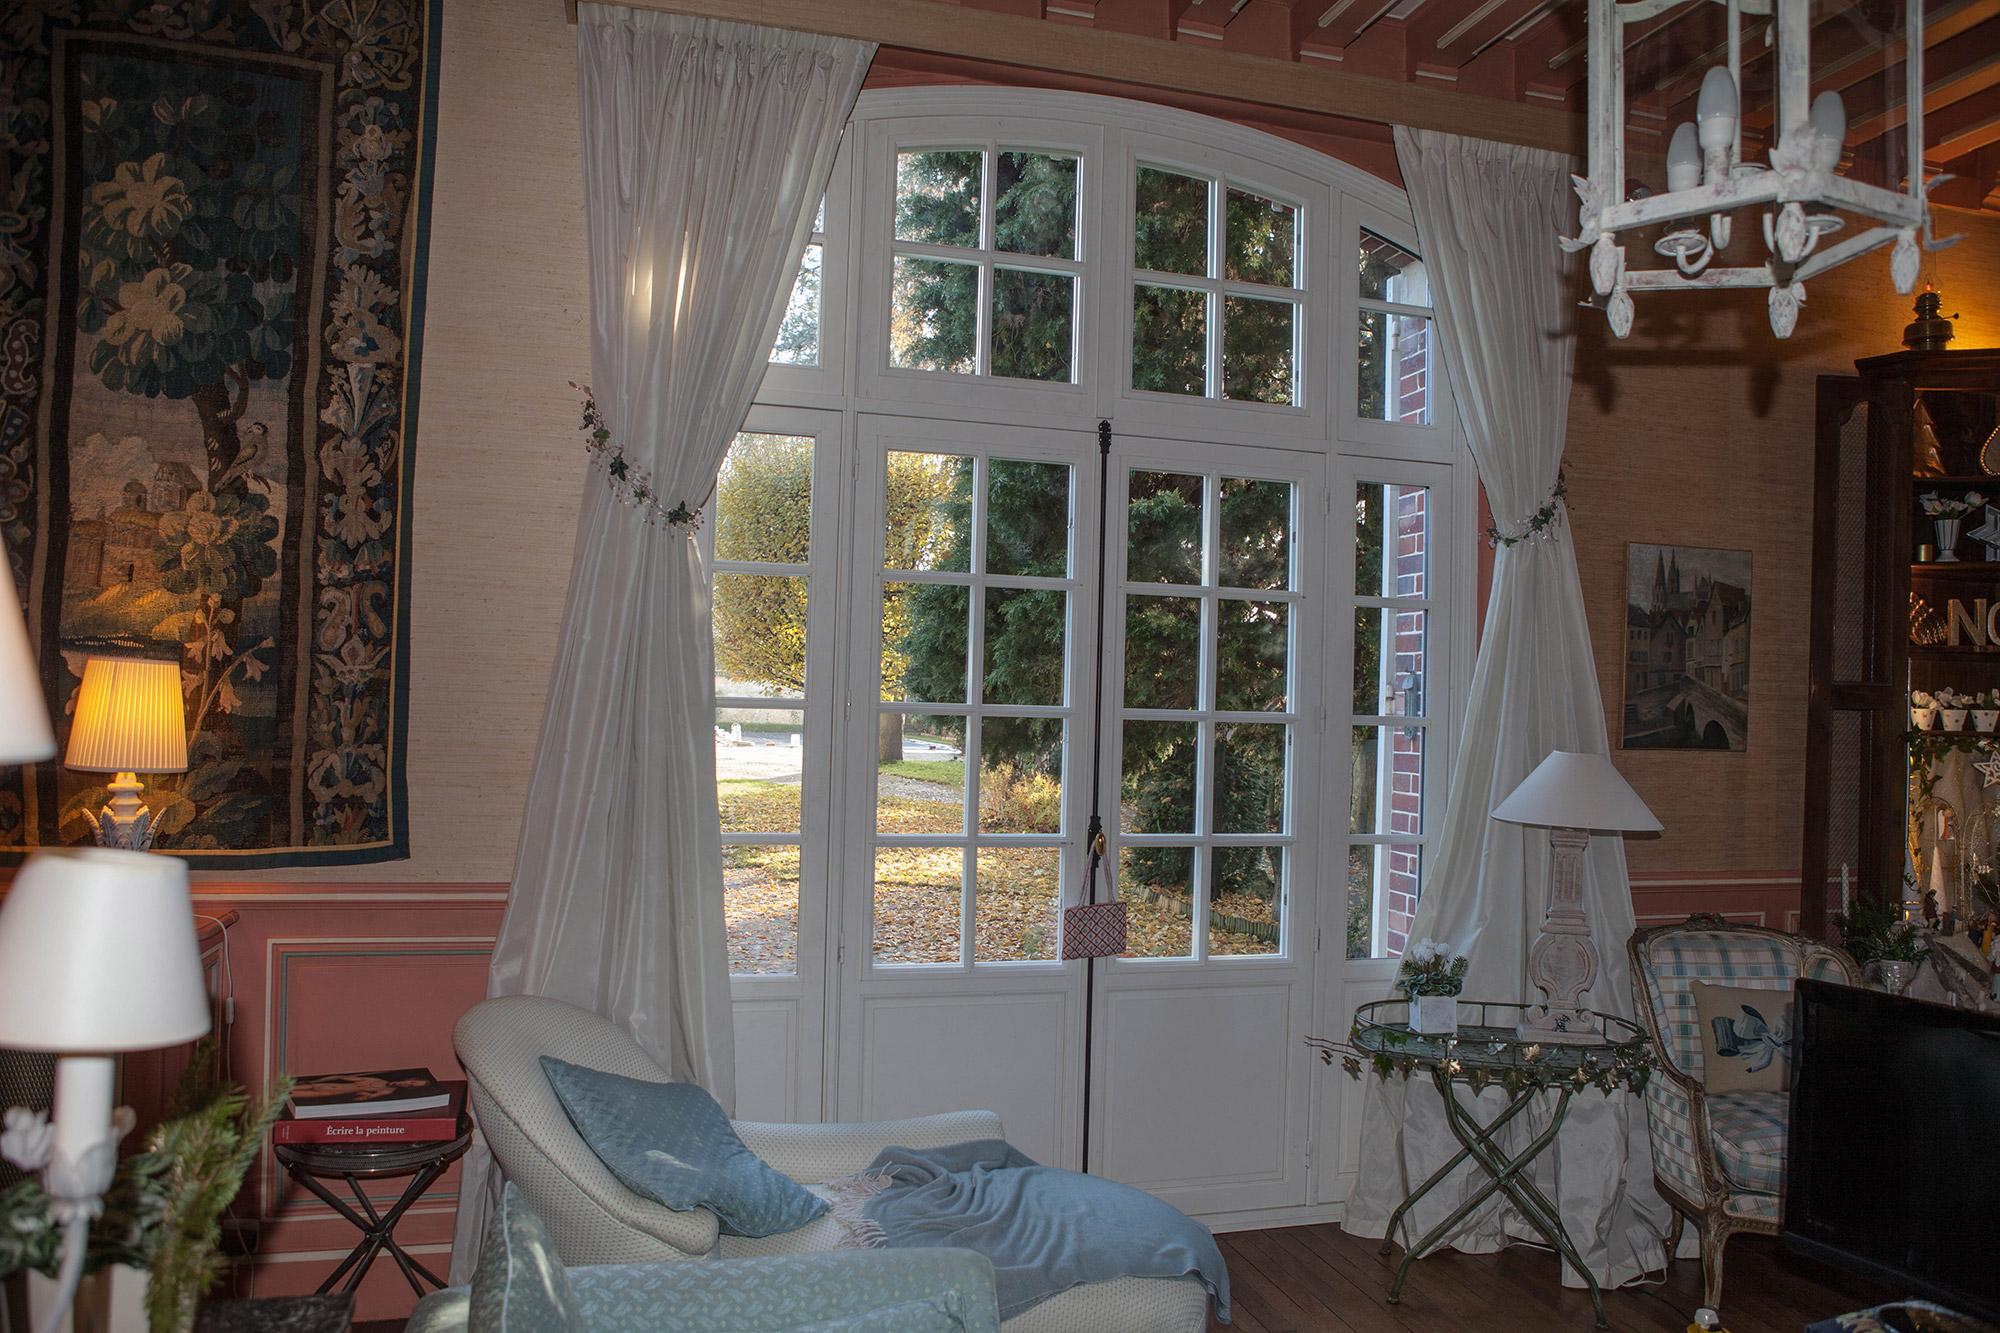 Nettoyer Volet Roulant Vitre Fixe une maison de maître en vallée de l'eure